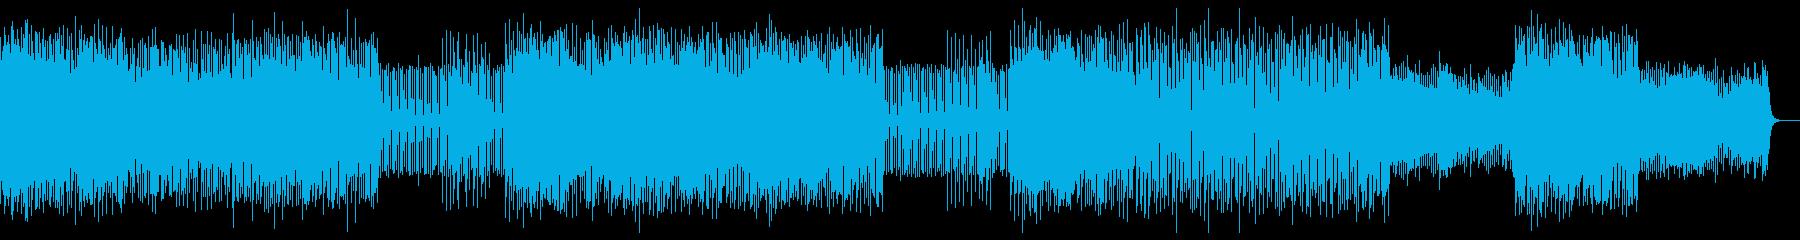 悲壮感のあるテクノポップBGMの再生済みの波形